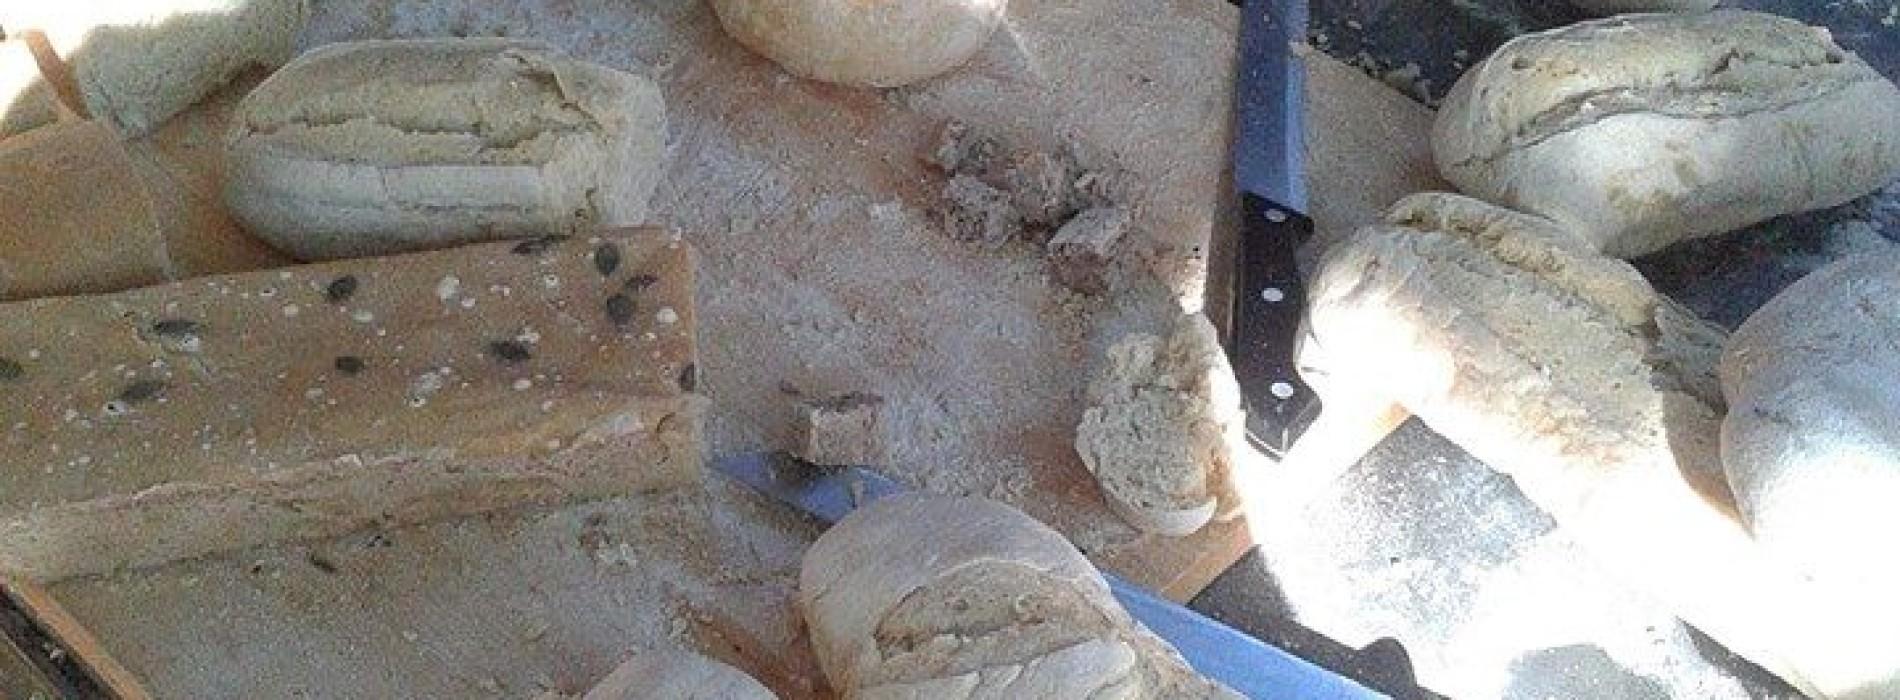 Garbatella, un altro forno è possibile. A Roma, alla Casetta Rossa, il pane è social (come ai vecchi tempi)